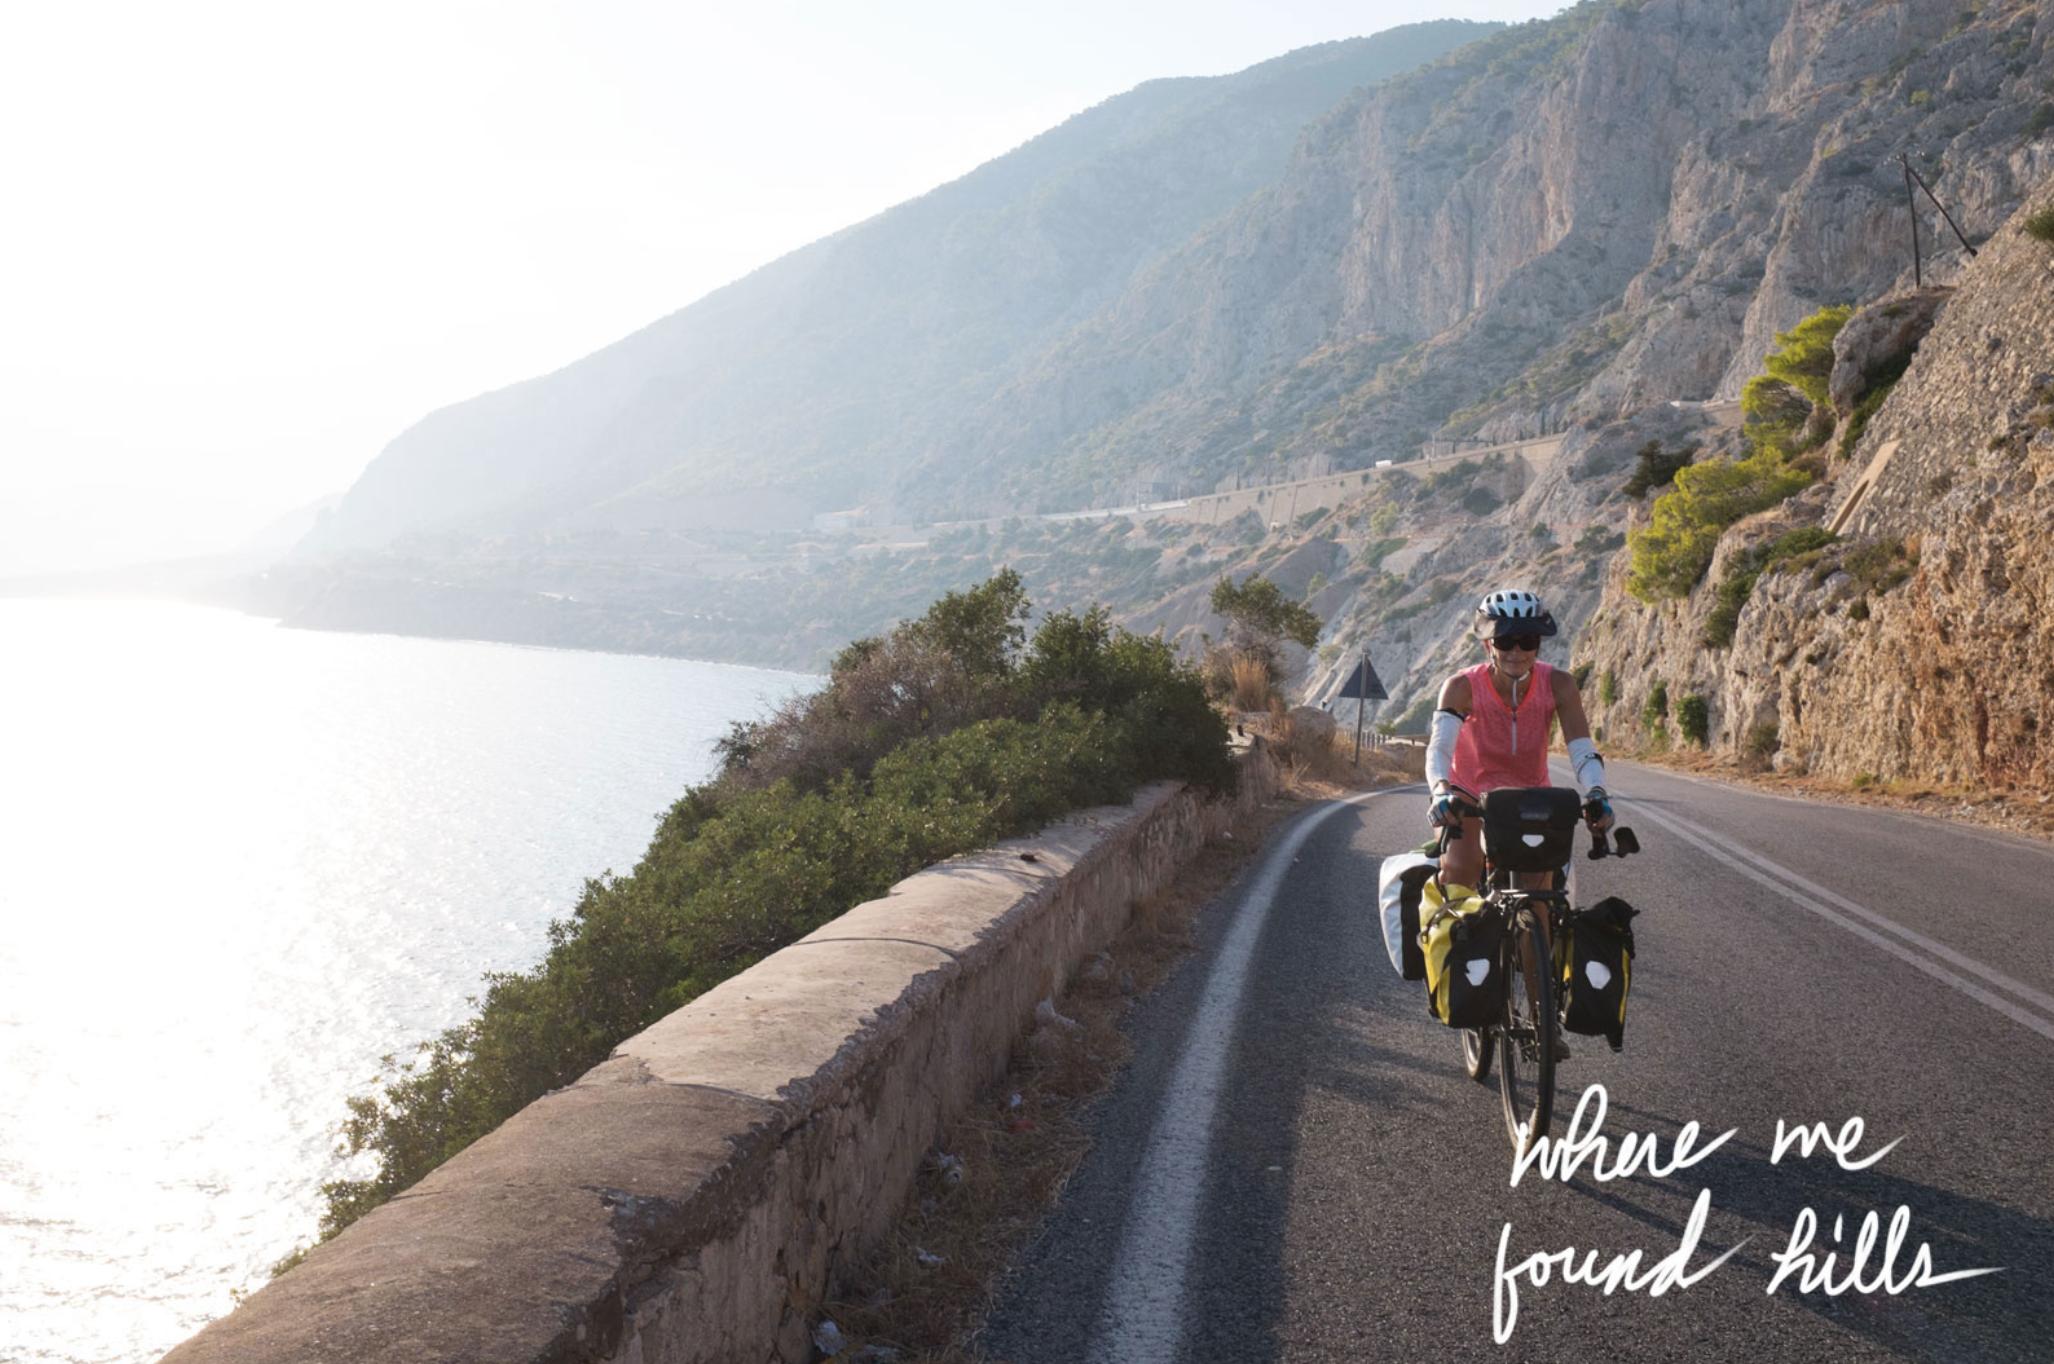 diephuis-trip-bike-3000-miles32.png